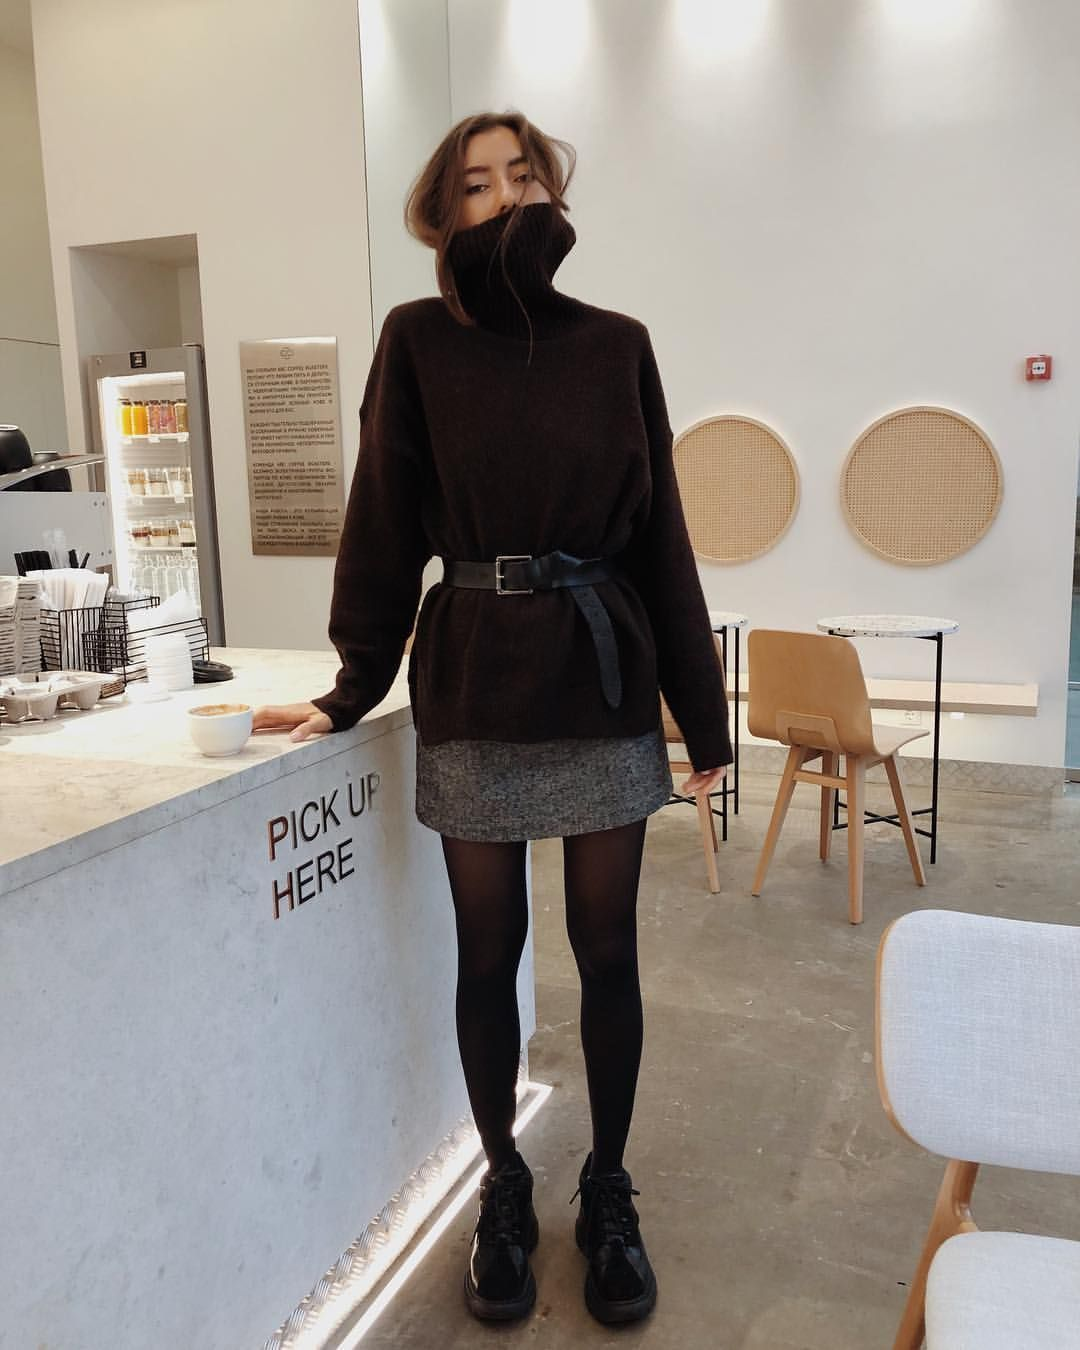 """Anastasiya Tairi auf Instagram: """"Ich möchte enge Kleider tragen, wenn ich die Kleiderordnung ...#anastasiya #auf #die #enge #ich #instagram #kleider #kleiderordnung #möchte #tairi #tragen #wenn"""